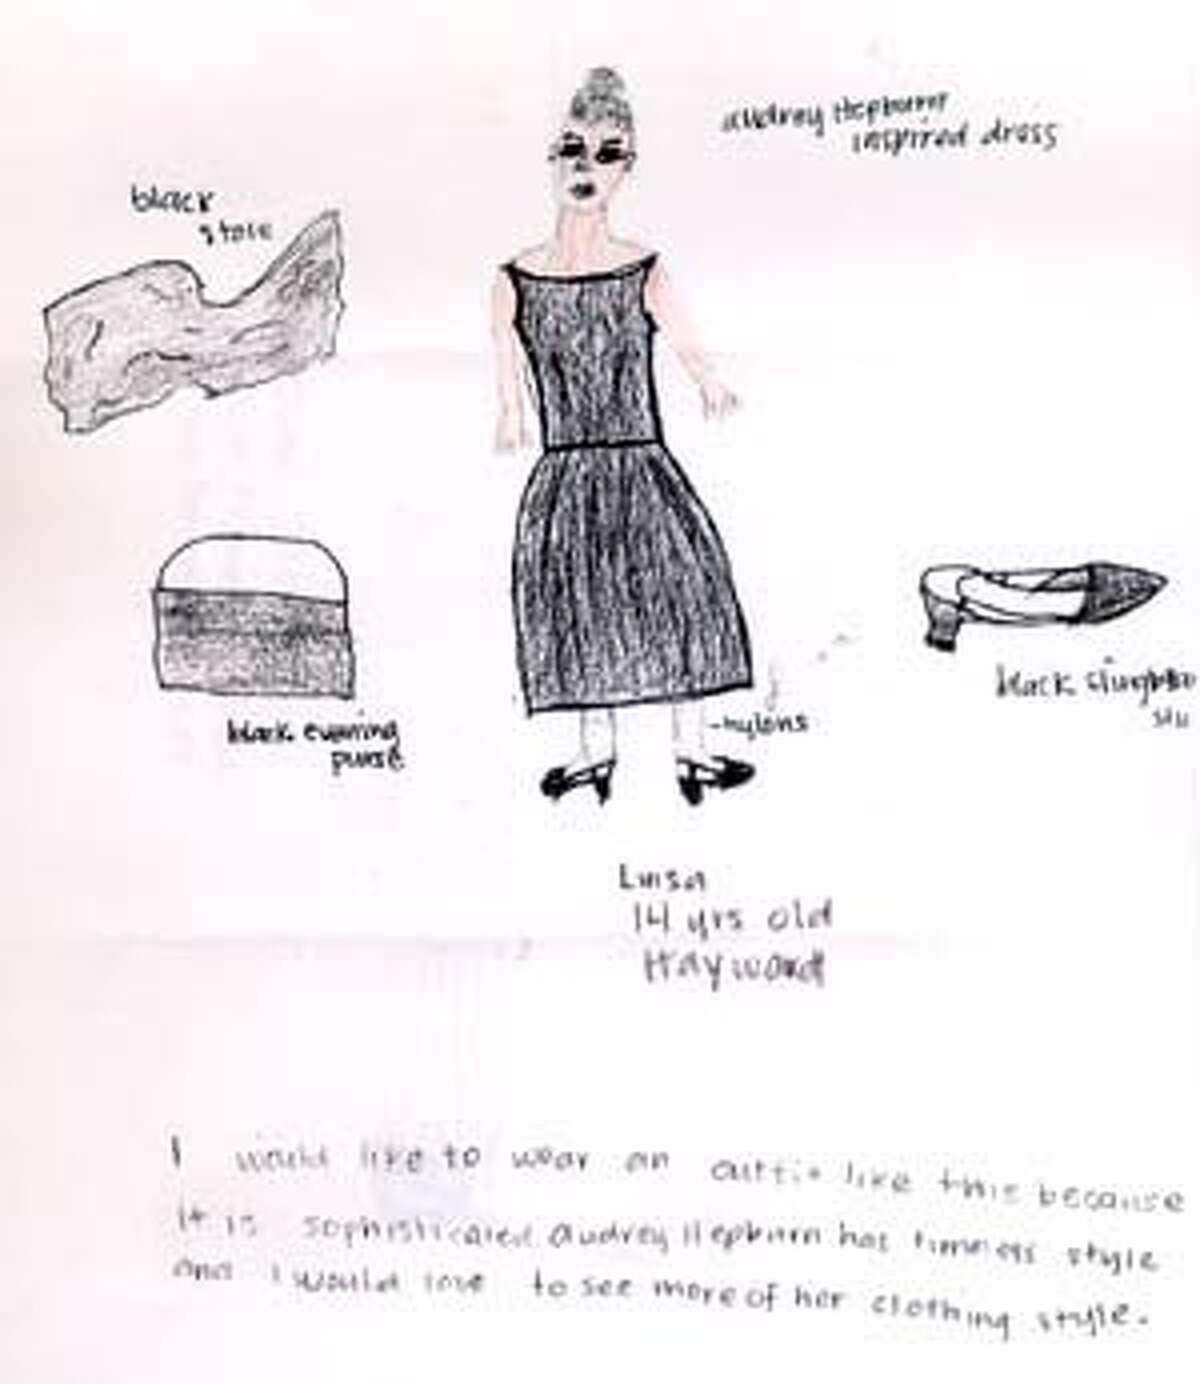 Original artwork by Louisa, 14, Hayward